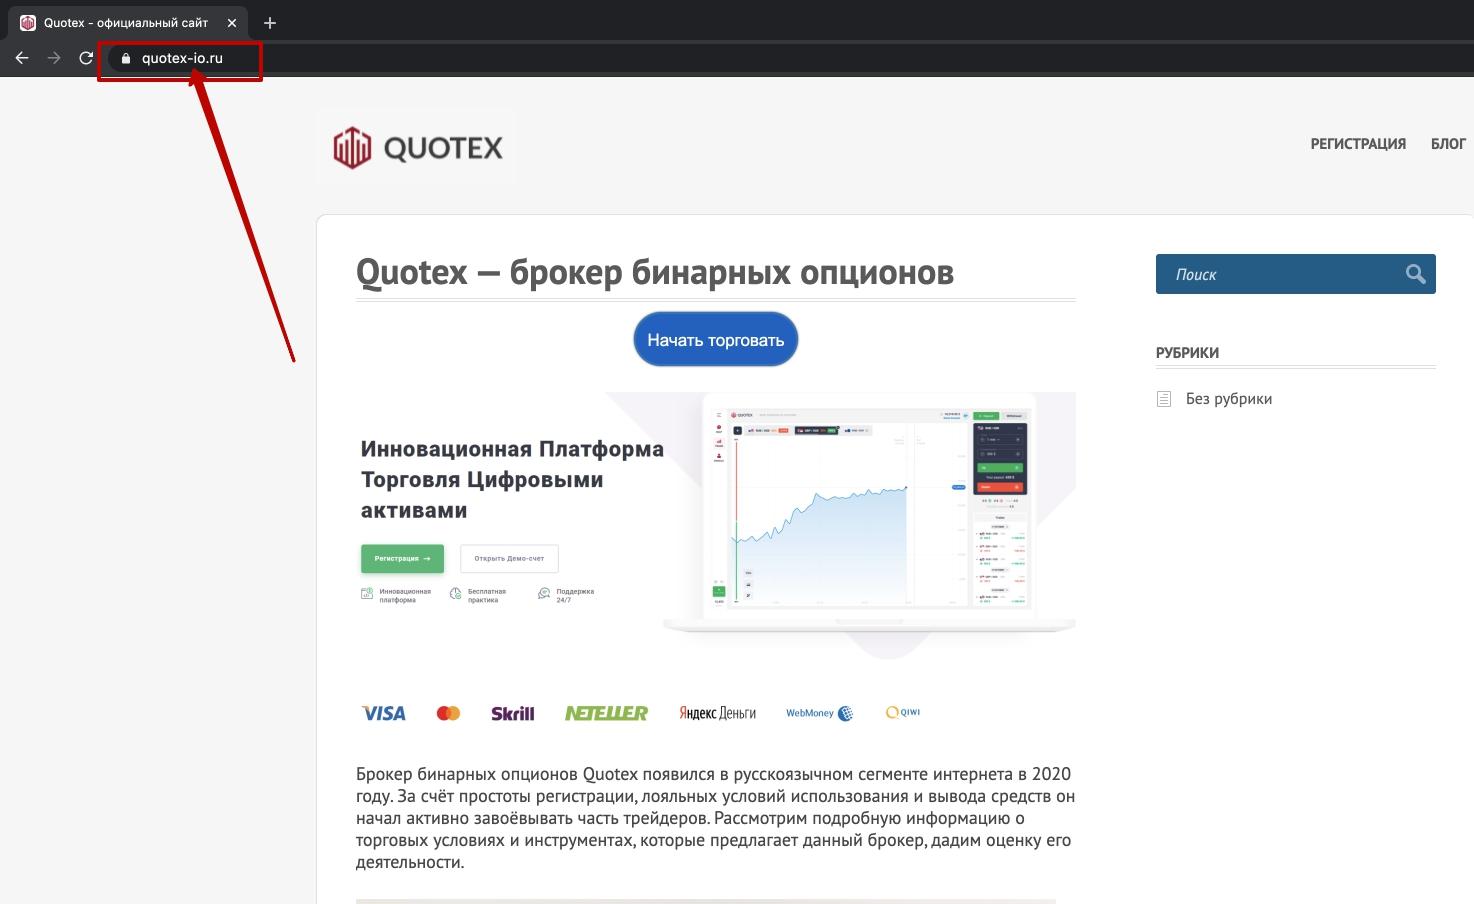 quotex-io.ru скам